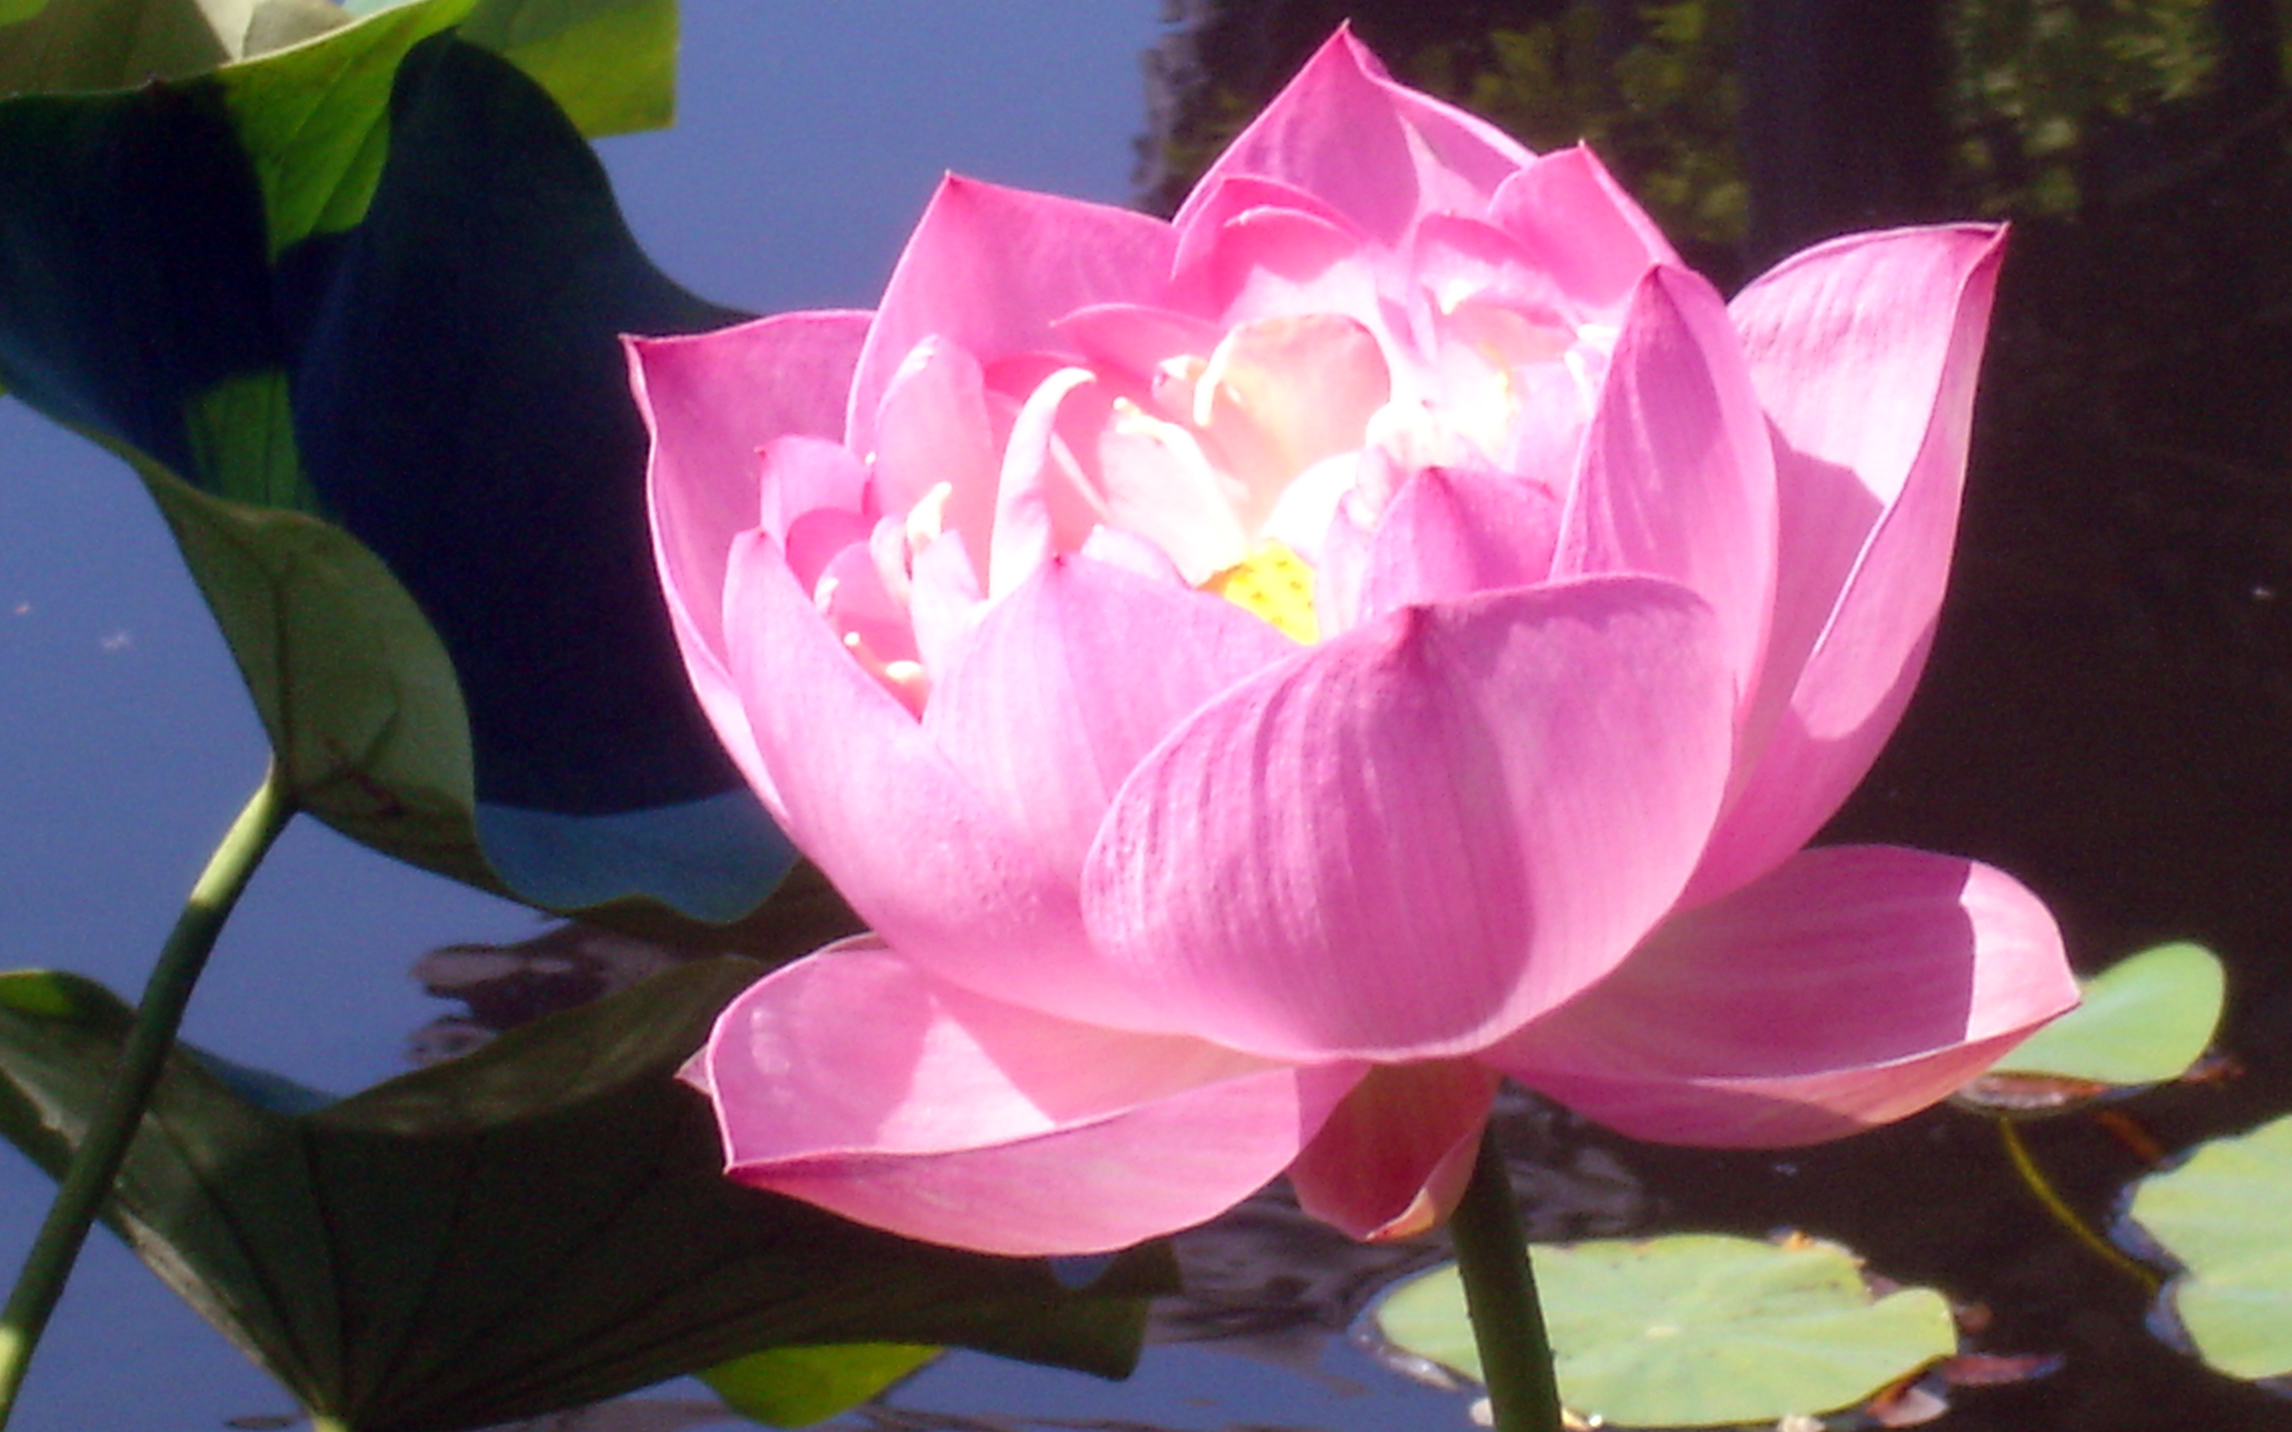 fleur-de-lotus1 dans parole de Dieu